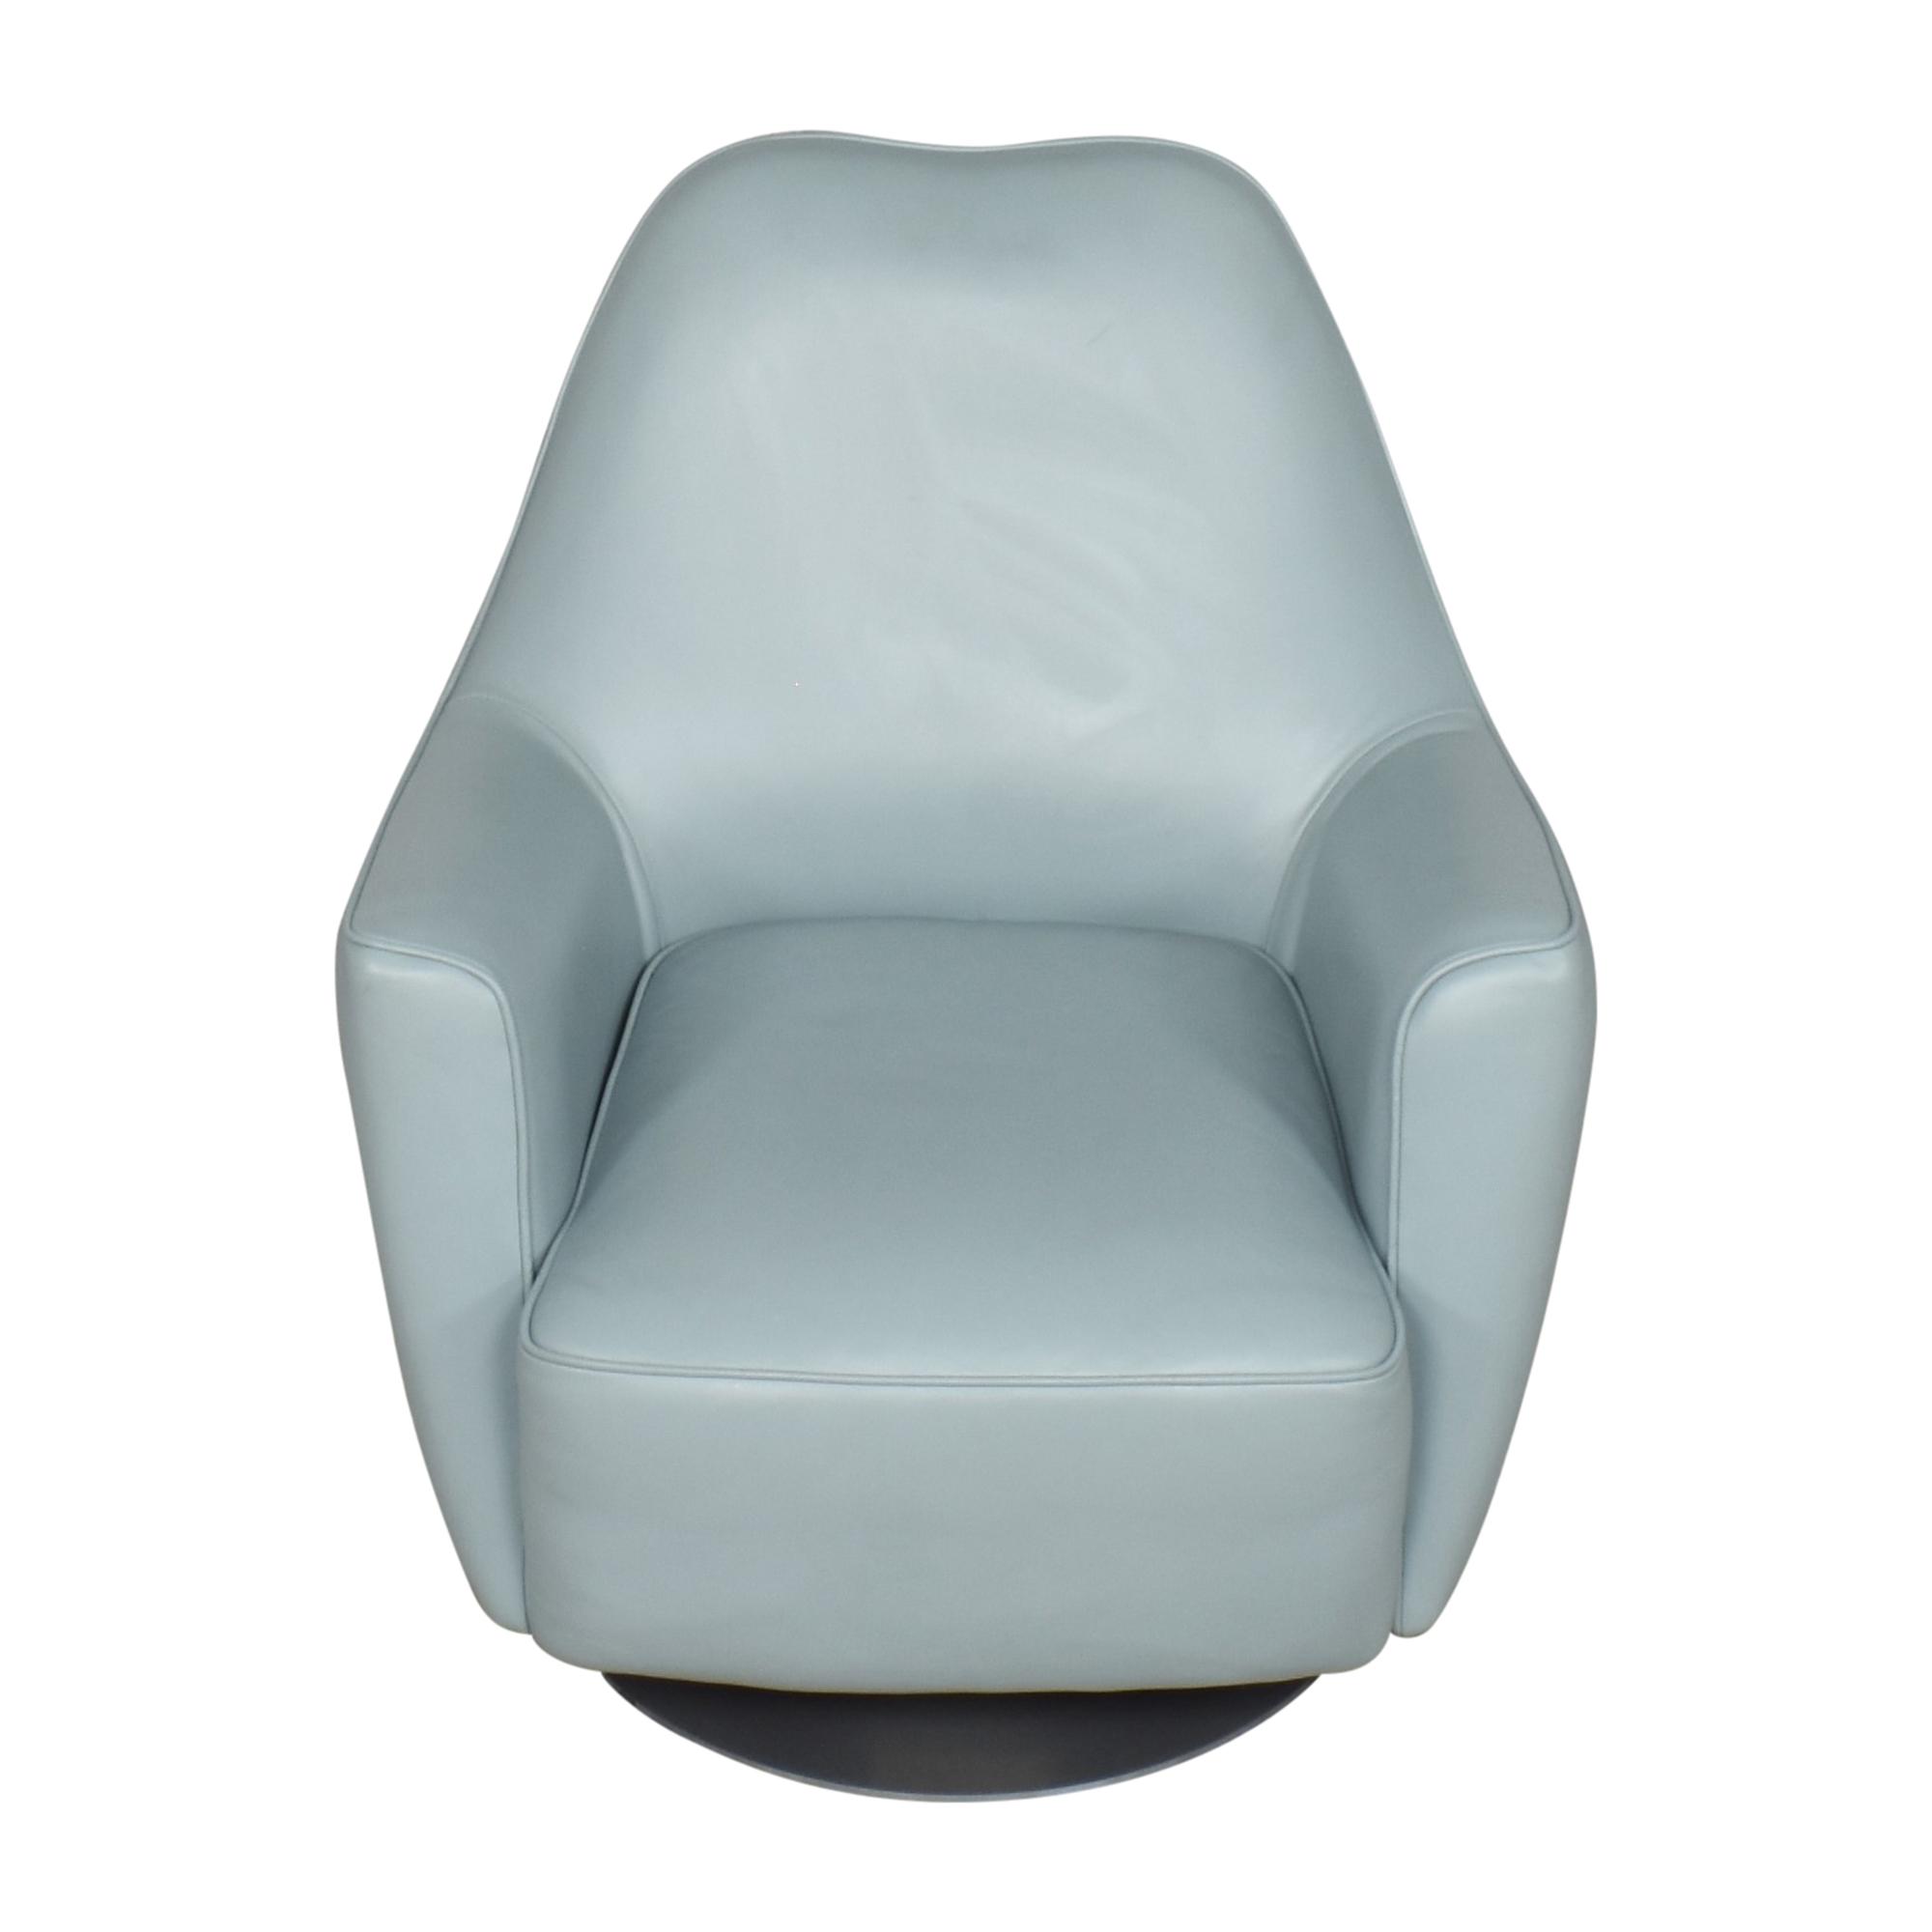 Room & Board Room & Board Modern Swivel Chair nj